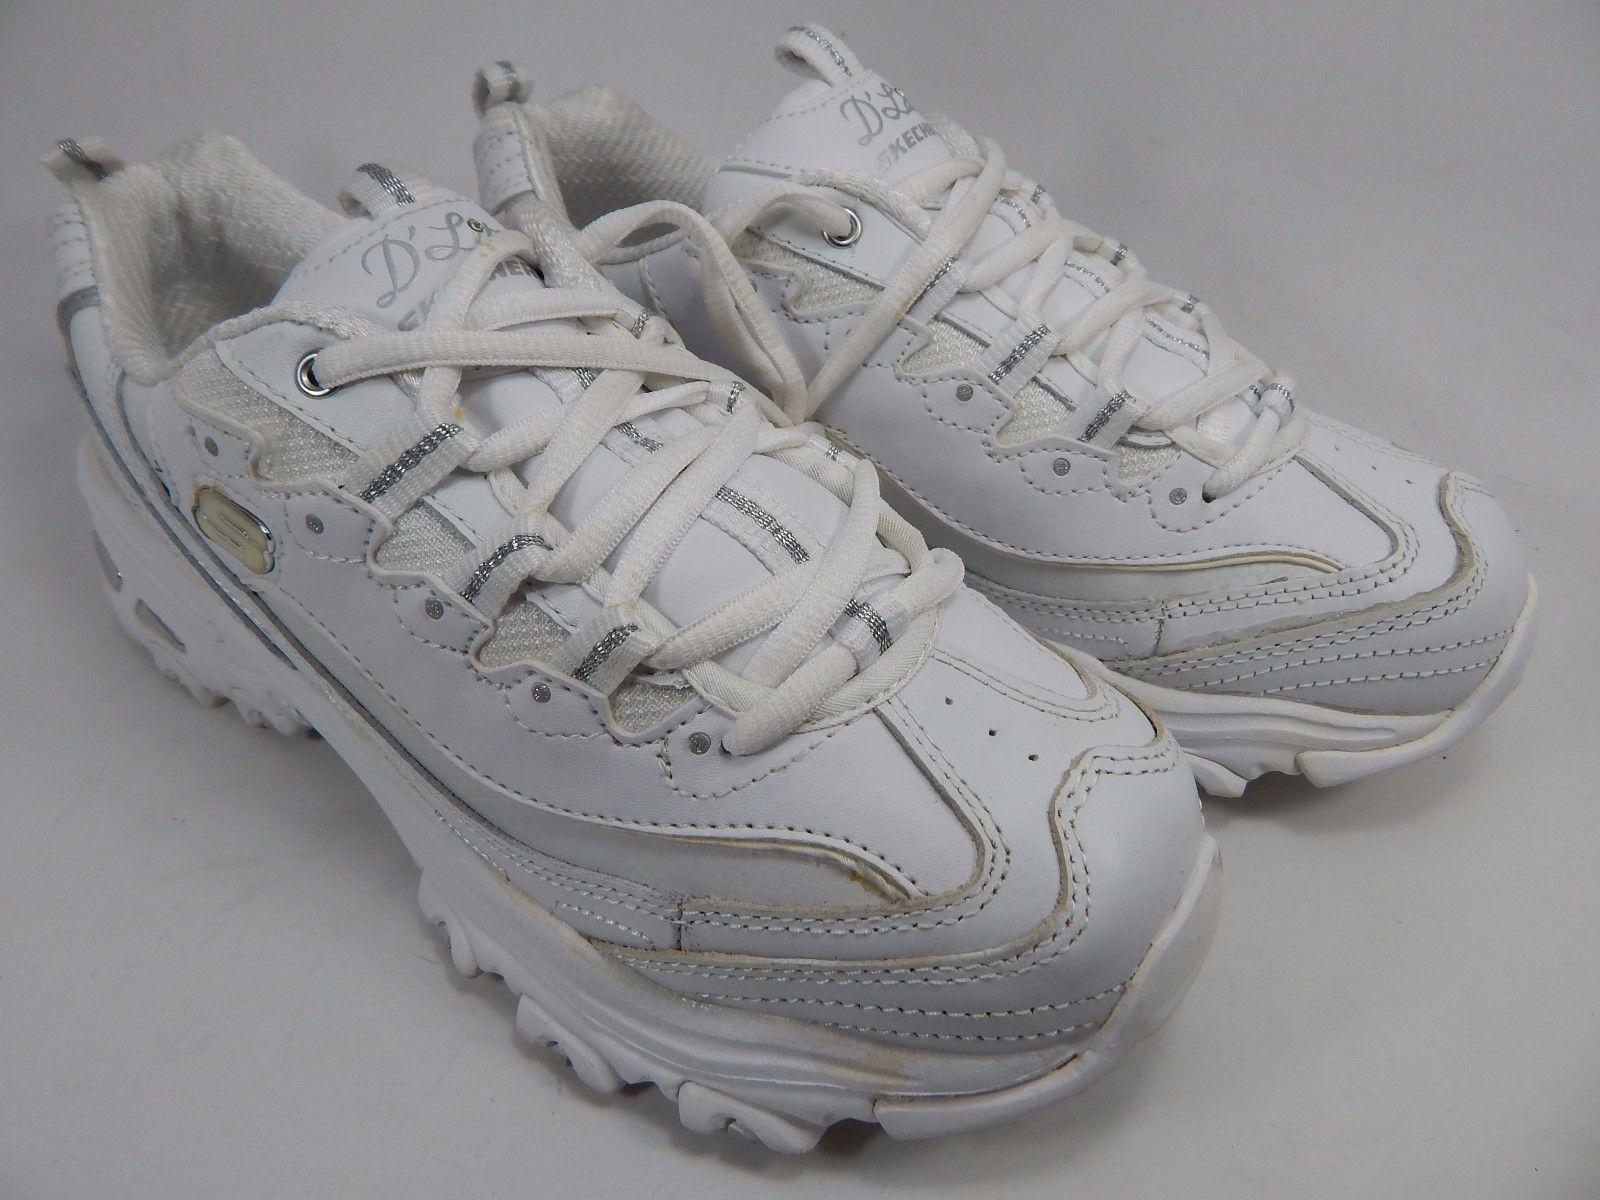 Skechers D'Lites Women's Training Athletic Shoes Size US 8 M (B) EU: 38 White